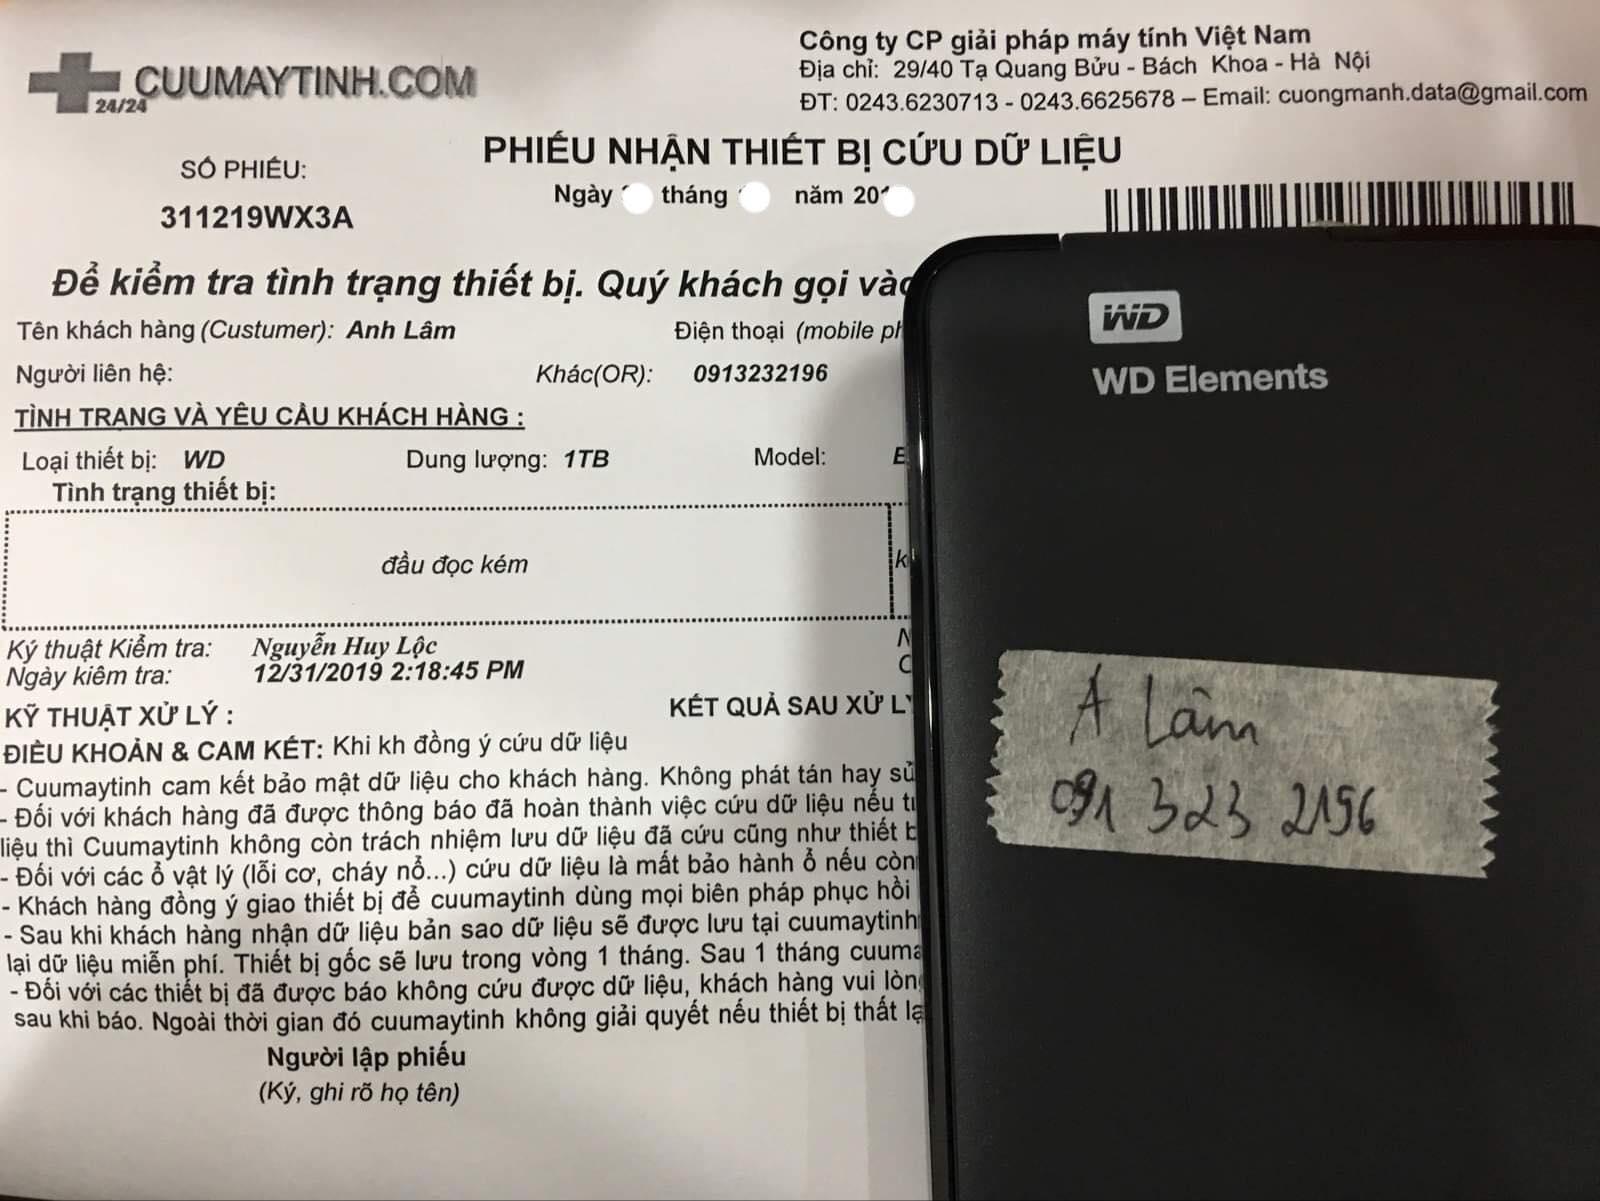 Cứu dữ liệu ổ cứng Western 1TB đầu đọc kém 14/01/2020 - cuumaytinh